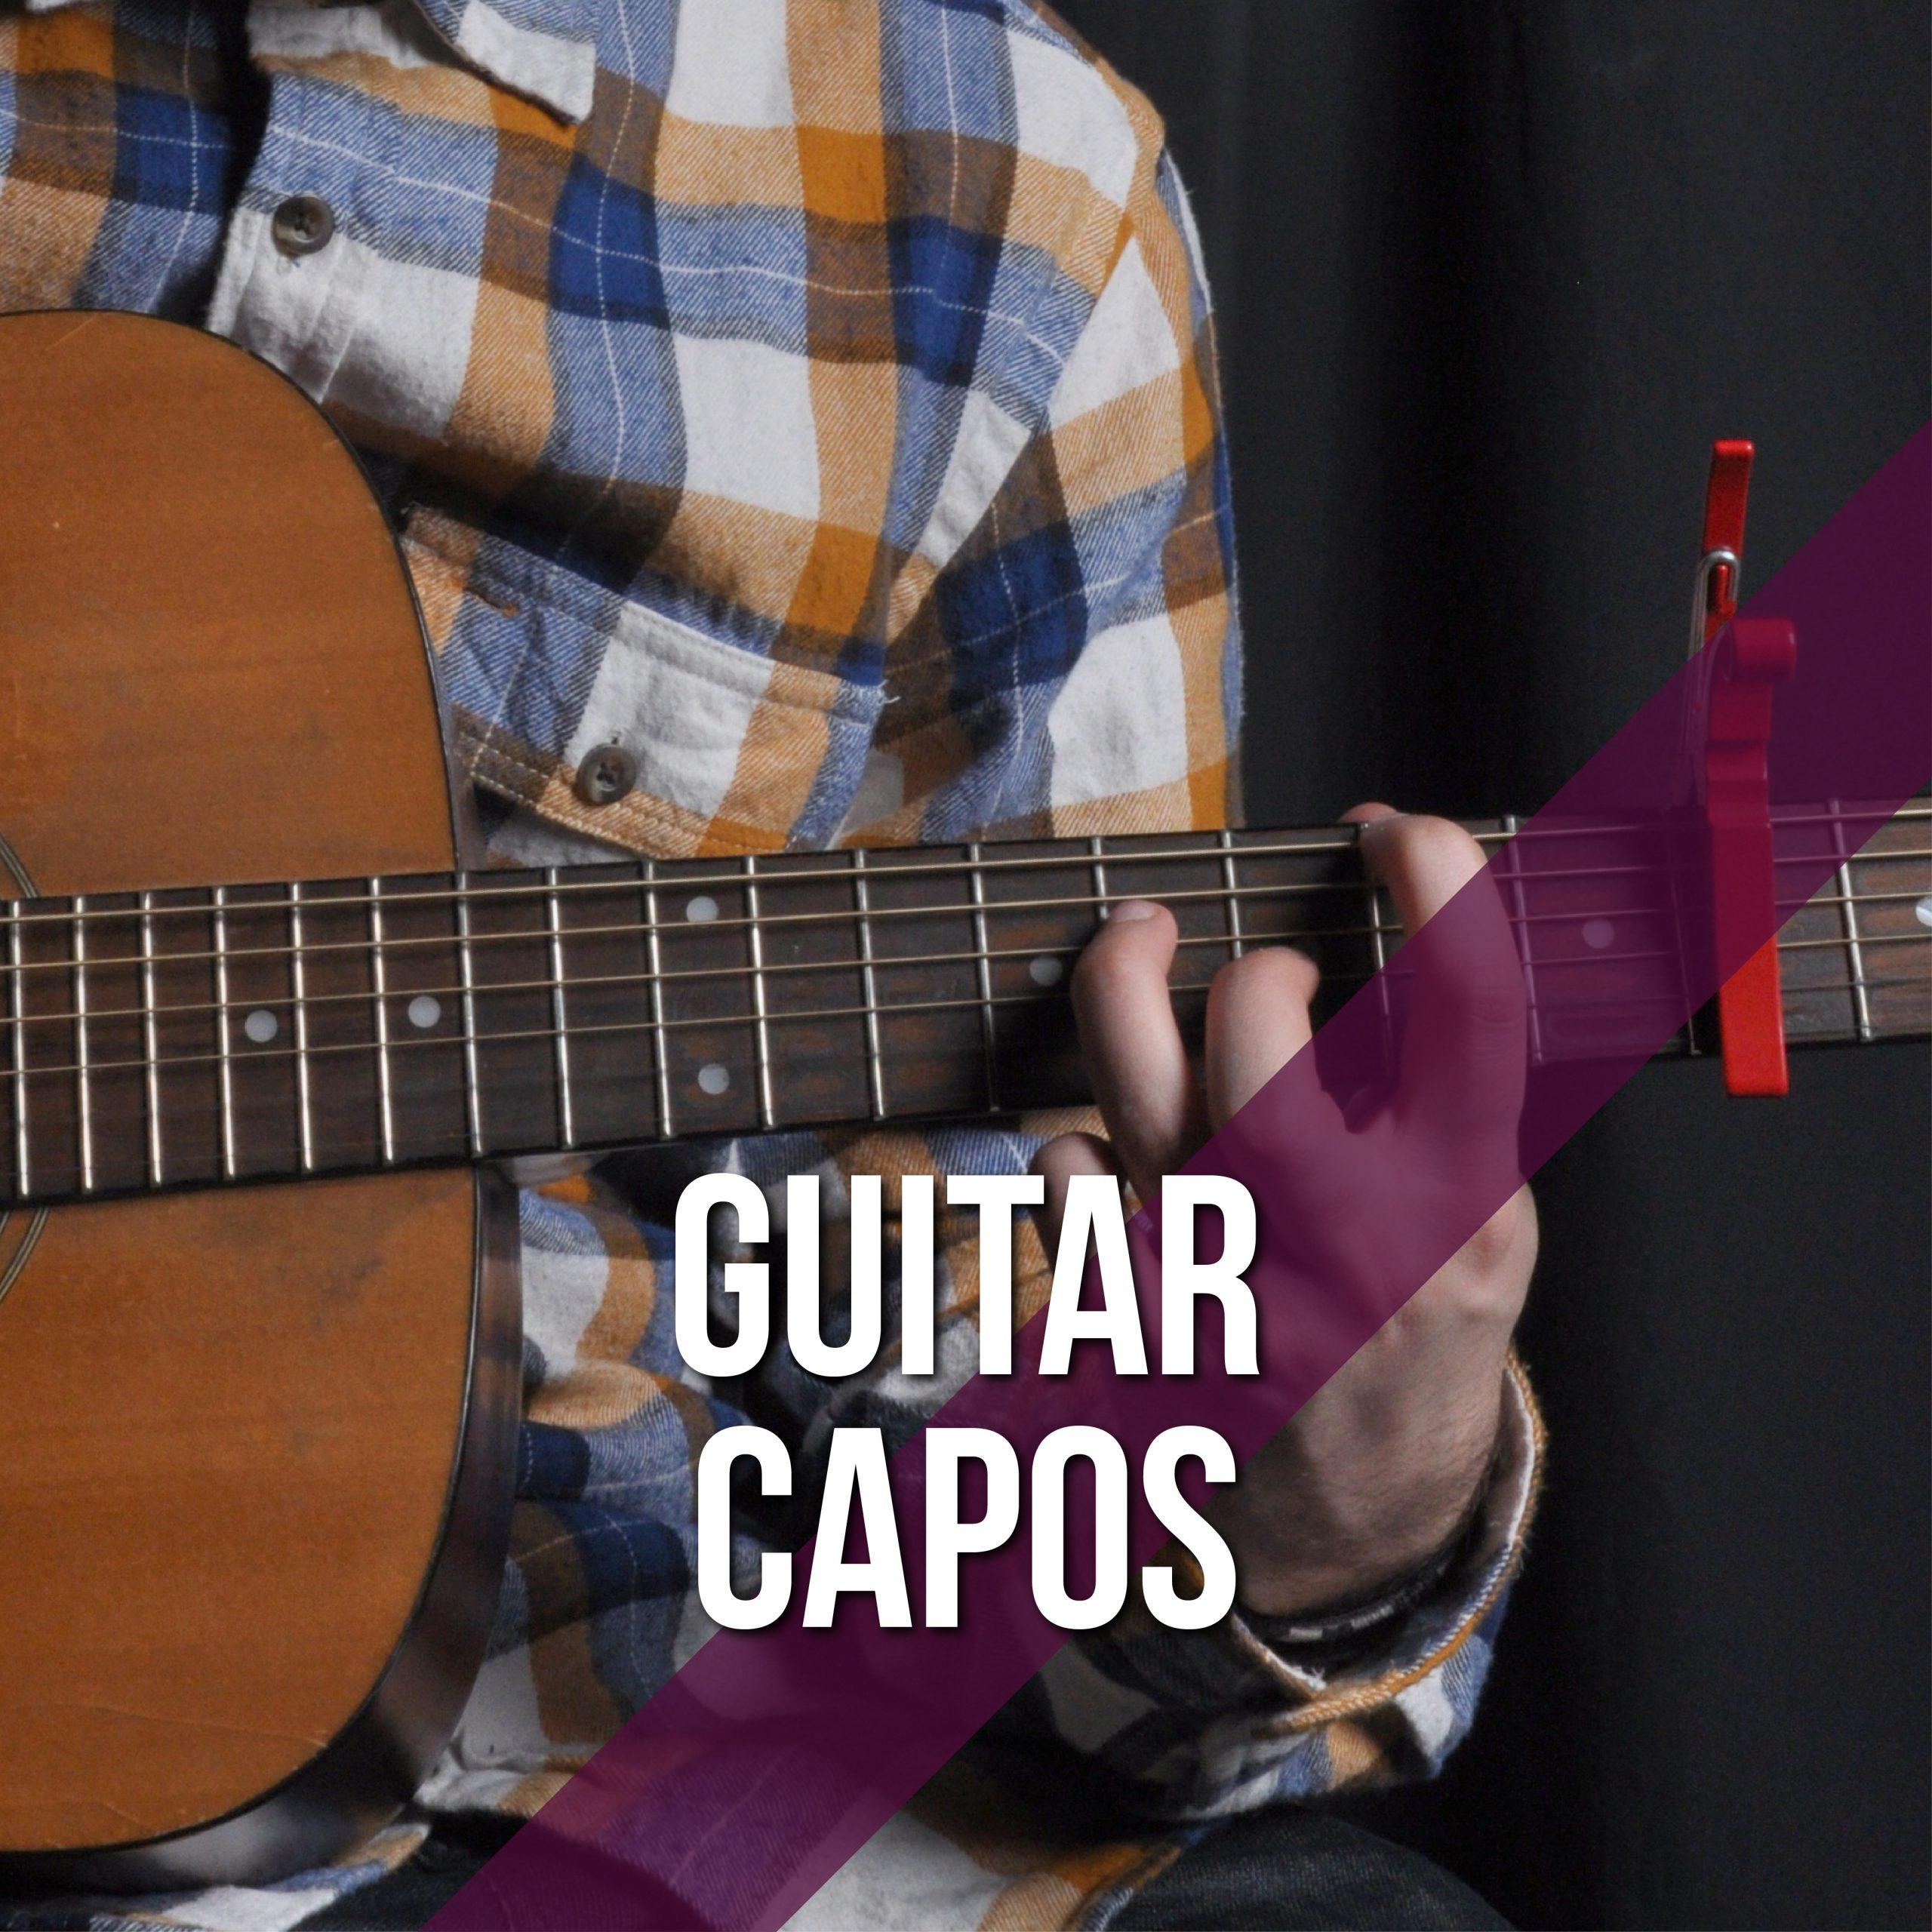 Guitar Capos